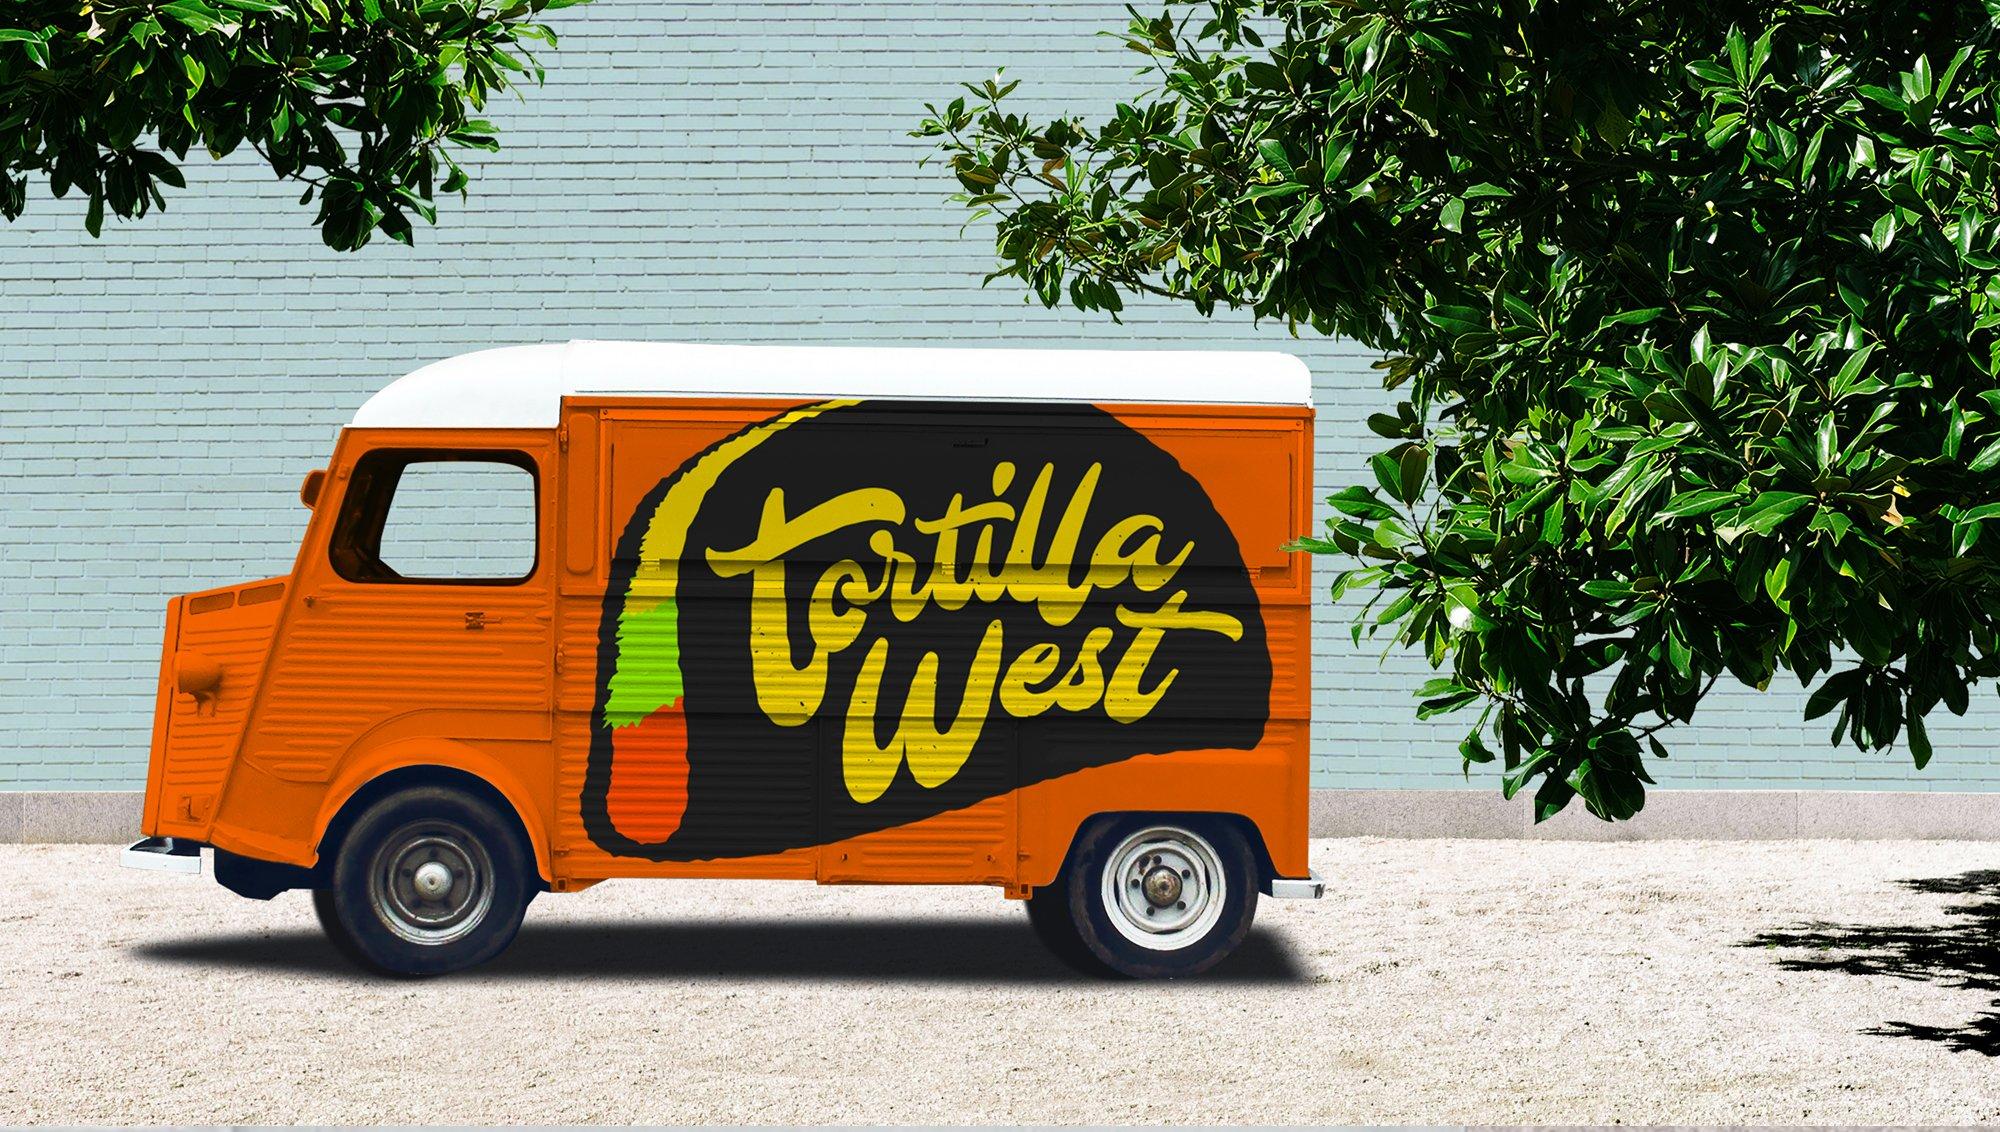 食品快餐车车身广告设计展示样机素材 Food Truck Branding Mockup插图2